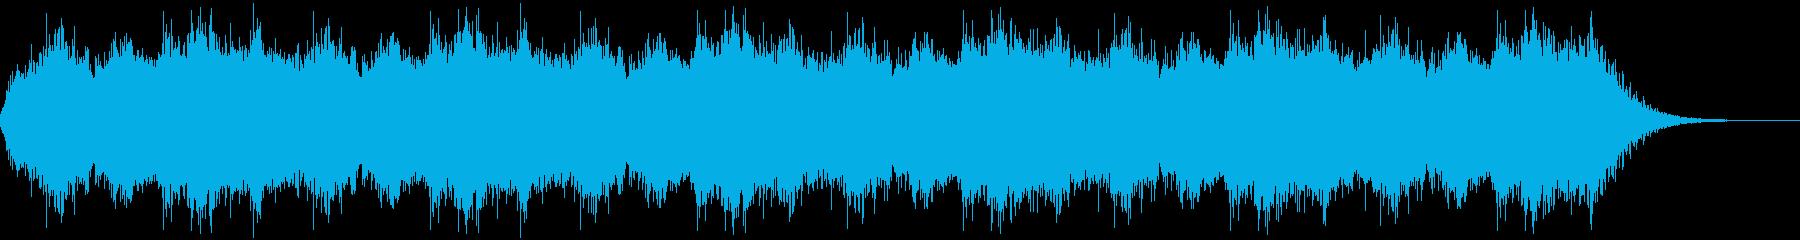 異世界の合唱BGMですの再生済みの波形